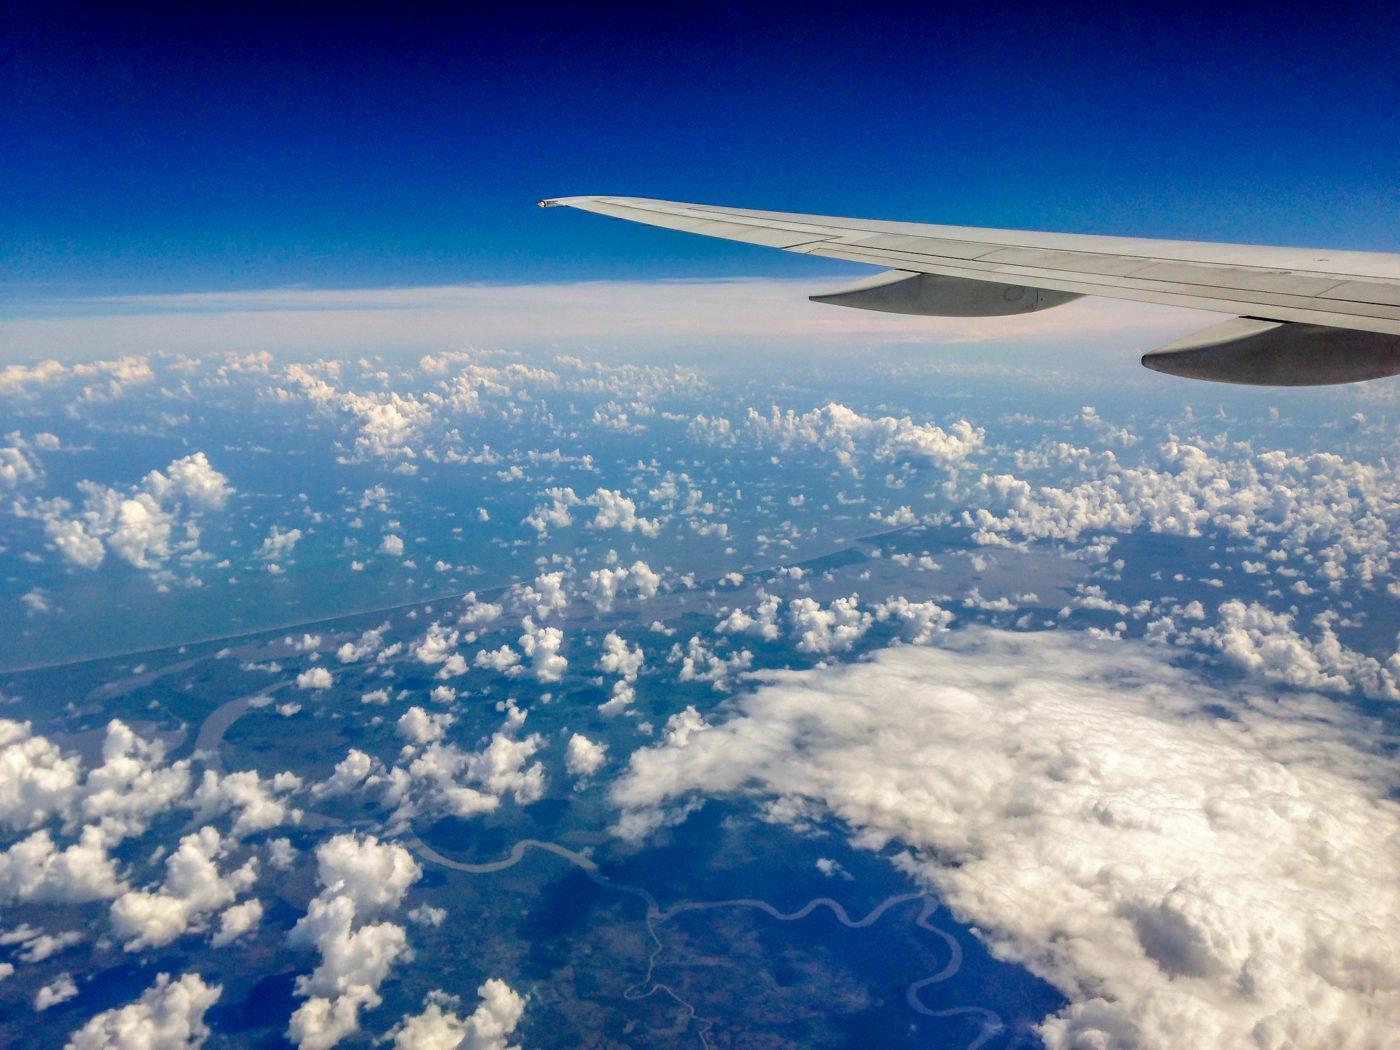 Costa Rica von oben, aus dem Flugzeug